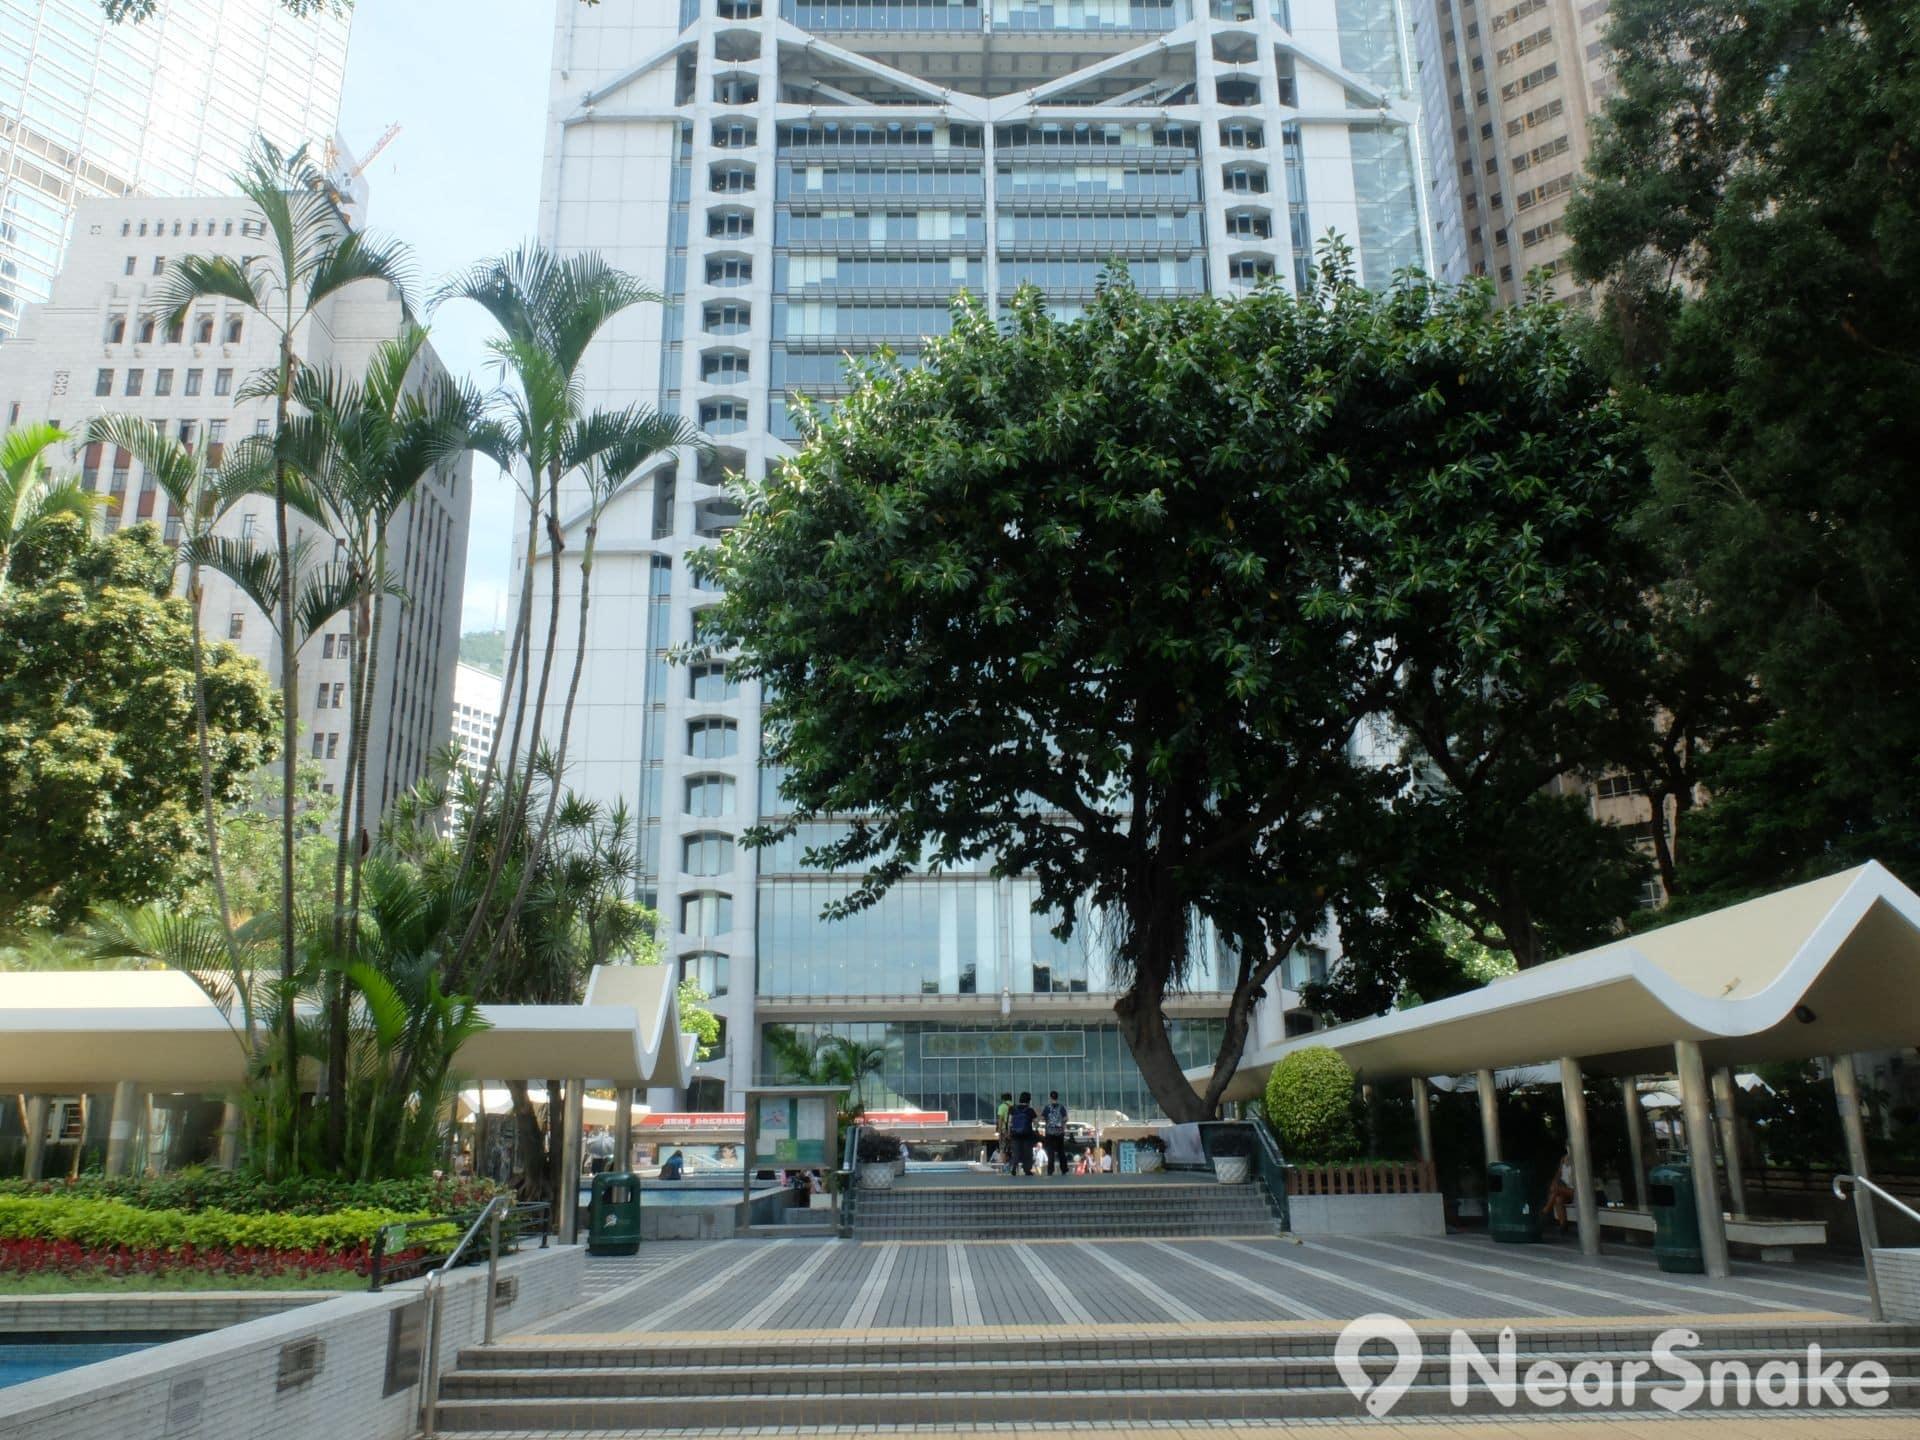 滙豐銀行擁有皇后像廣場 999 年租約契,政府亦在 1901 年作為永久戶外公共空間,同意廣場不得興建其他建築,日後亦是中環綠化地帶。